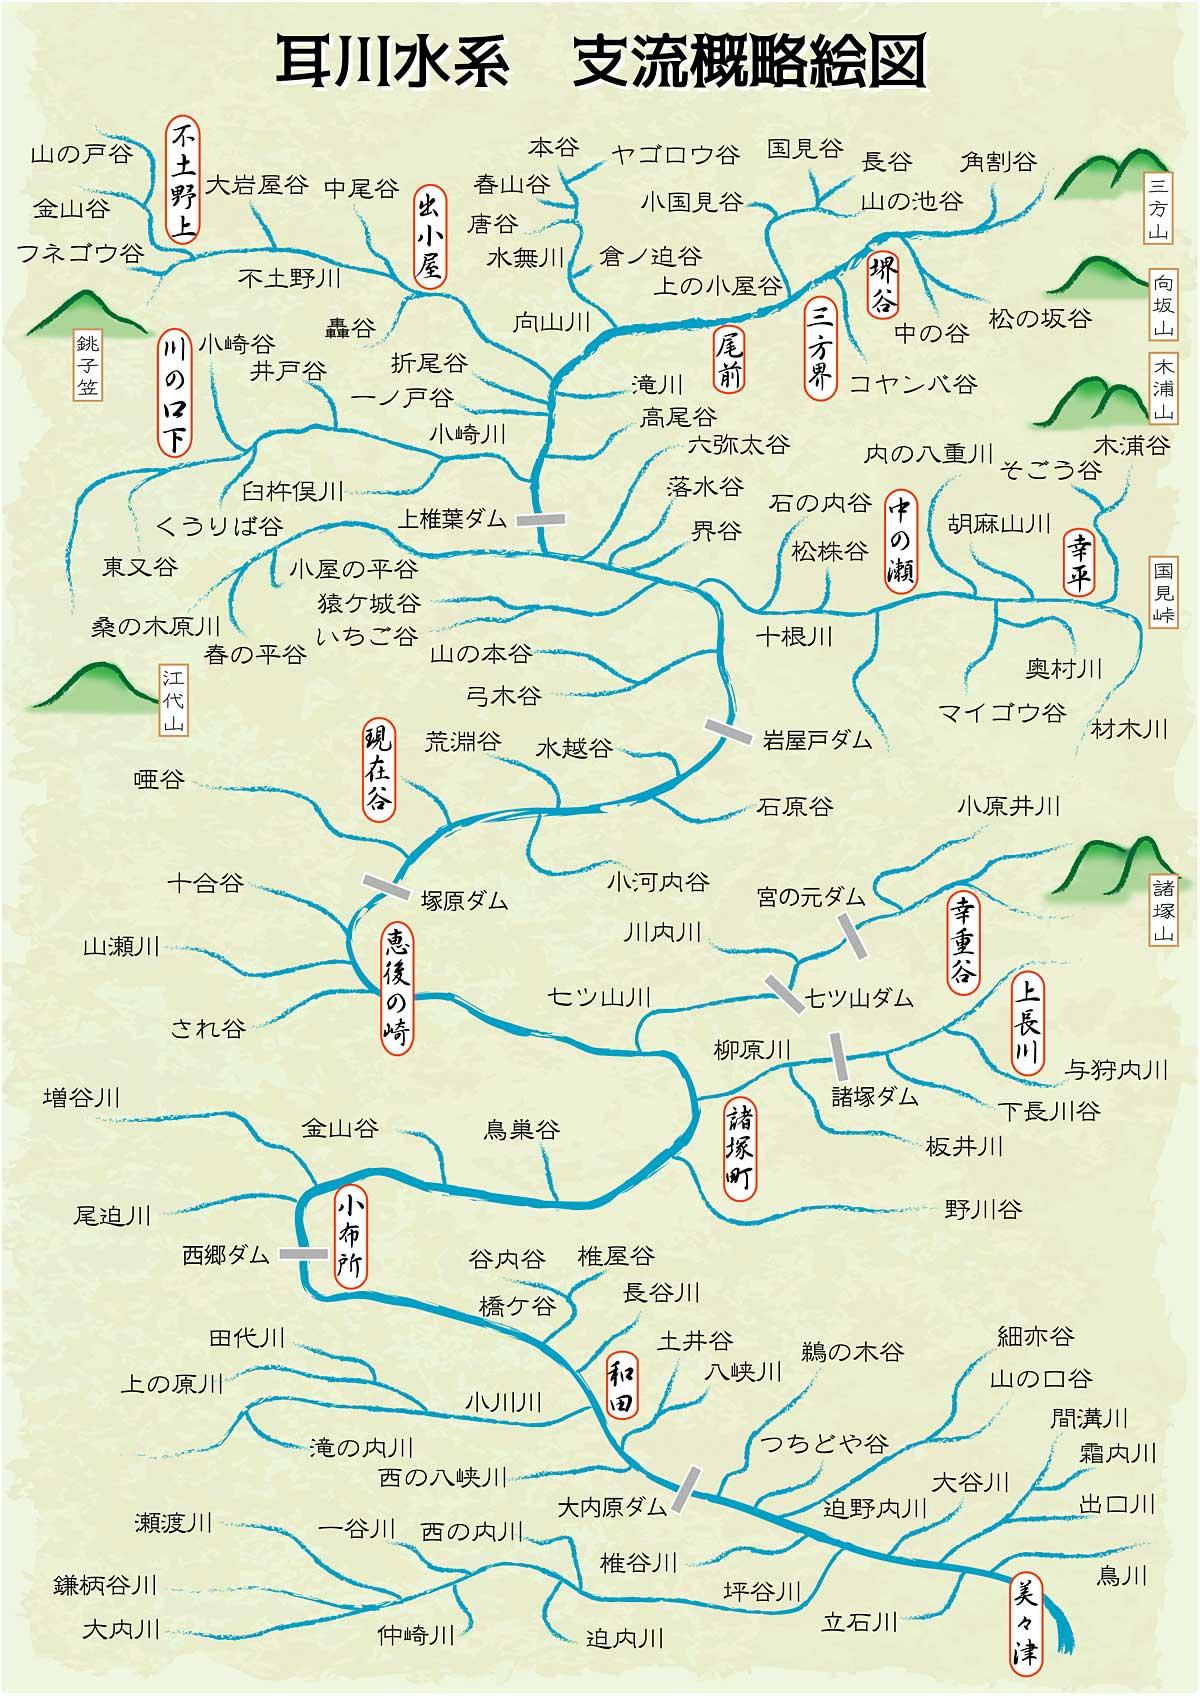 耳川水系 支流概略絵図